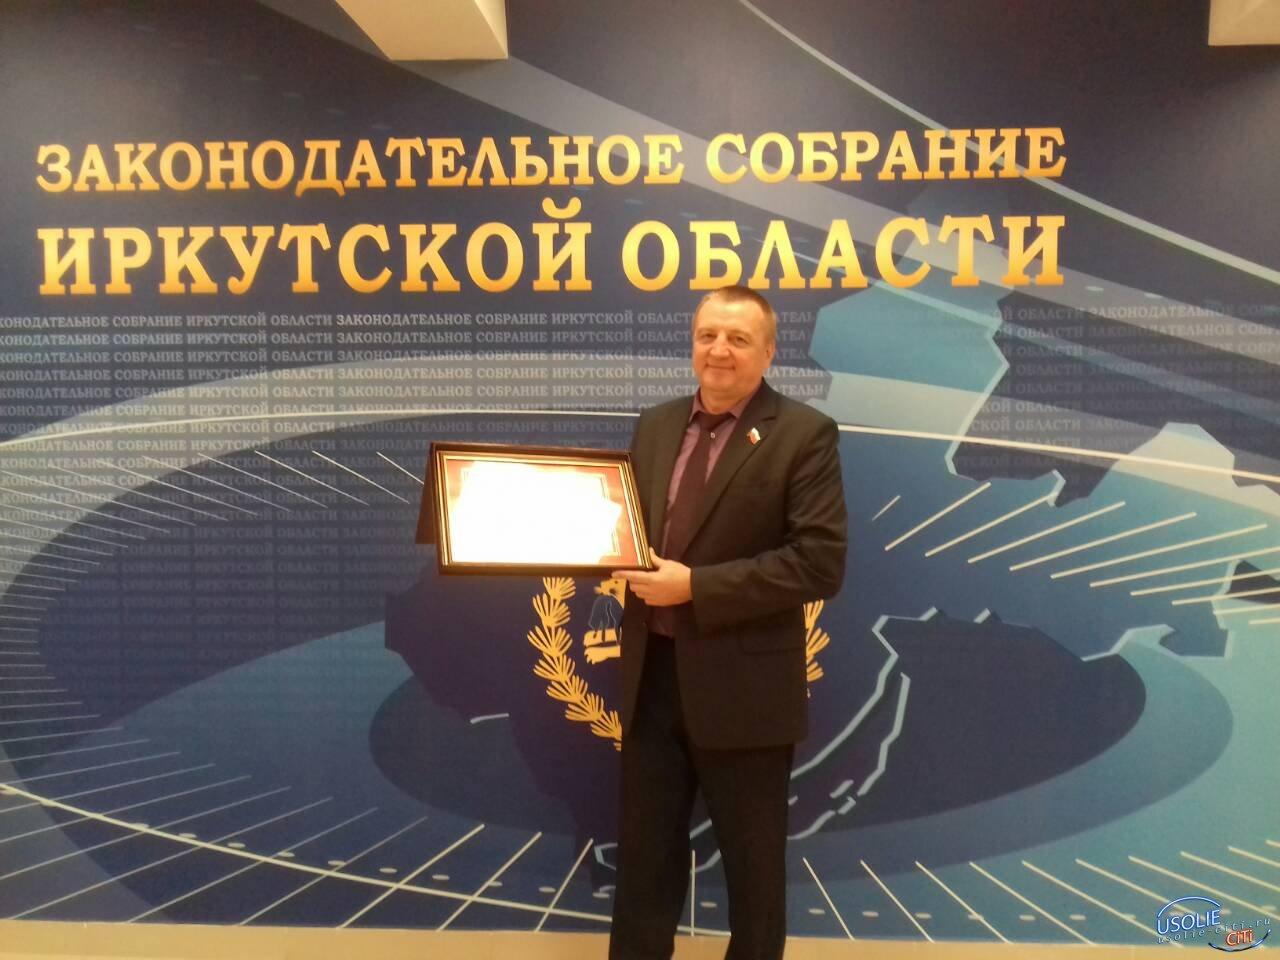 Усольский врач Сергей Прохоров  награжден Почетной грамотой  Заксобрания